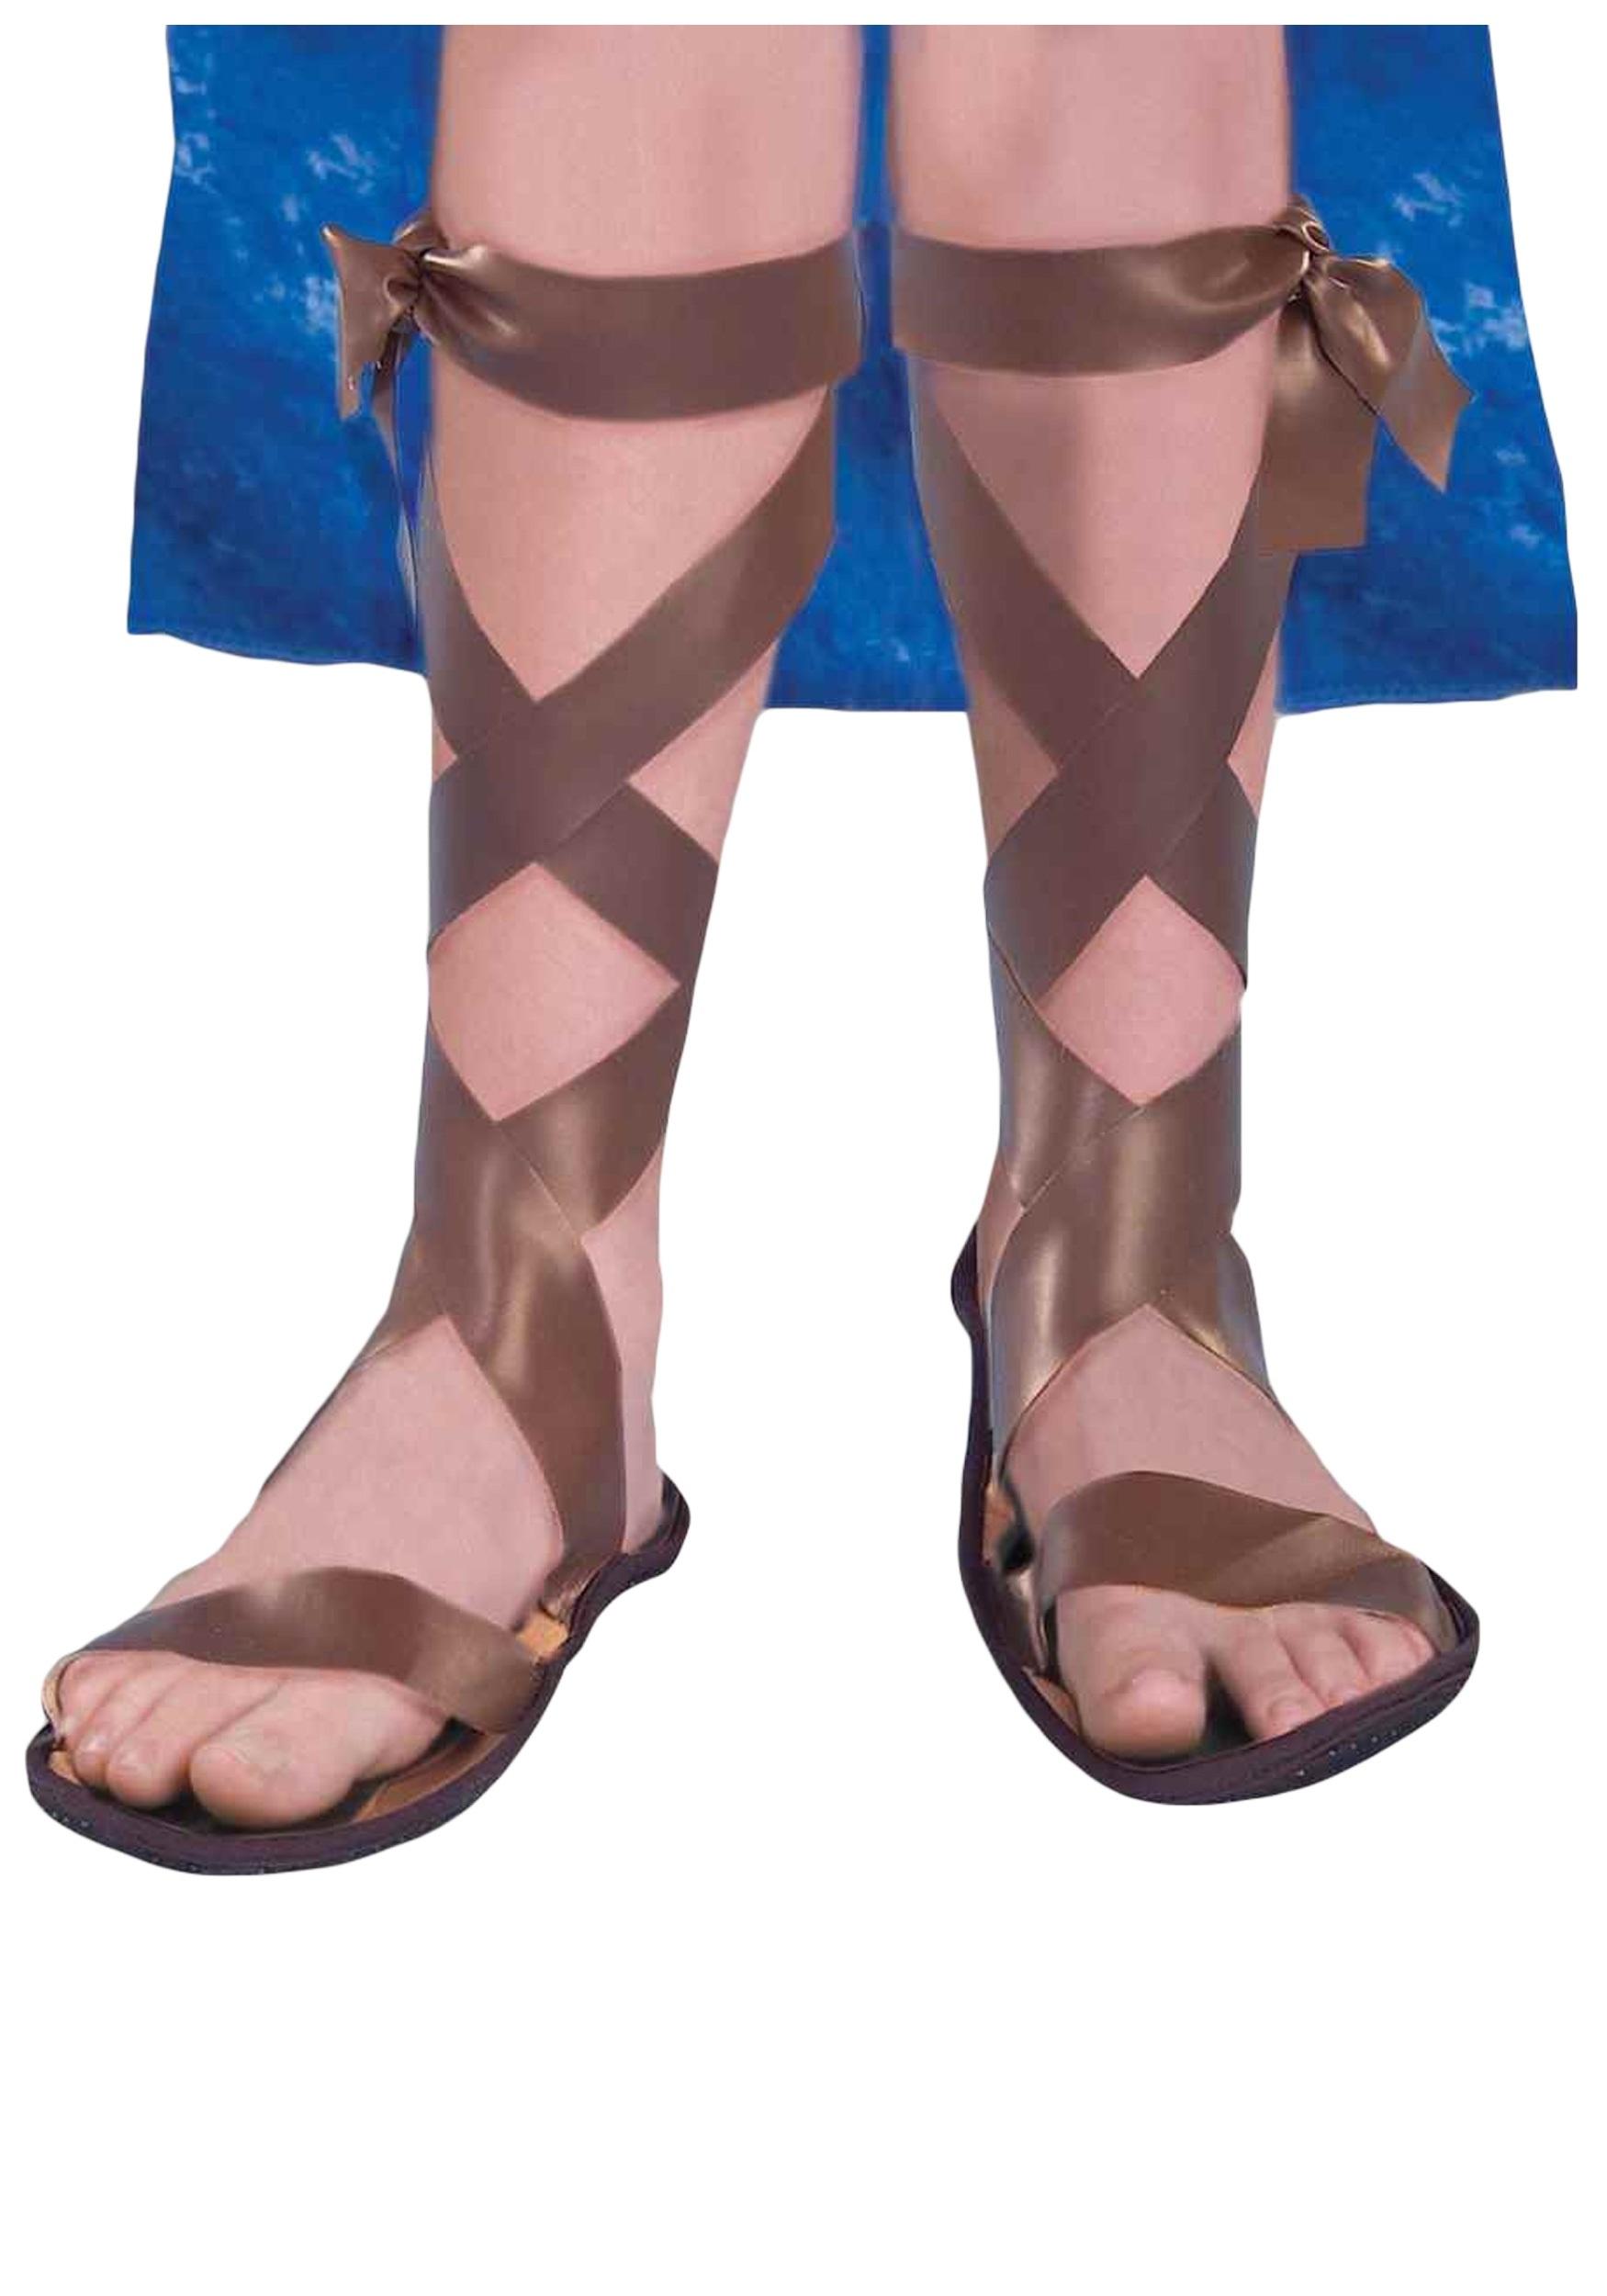 ancient roman child sandals kids greek or roman costume shoes